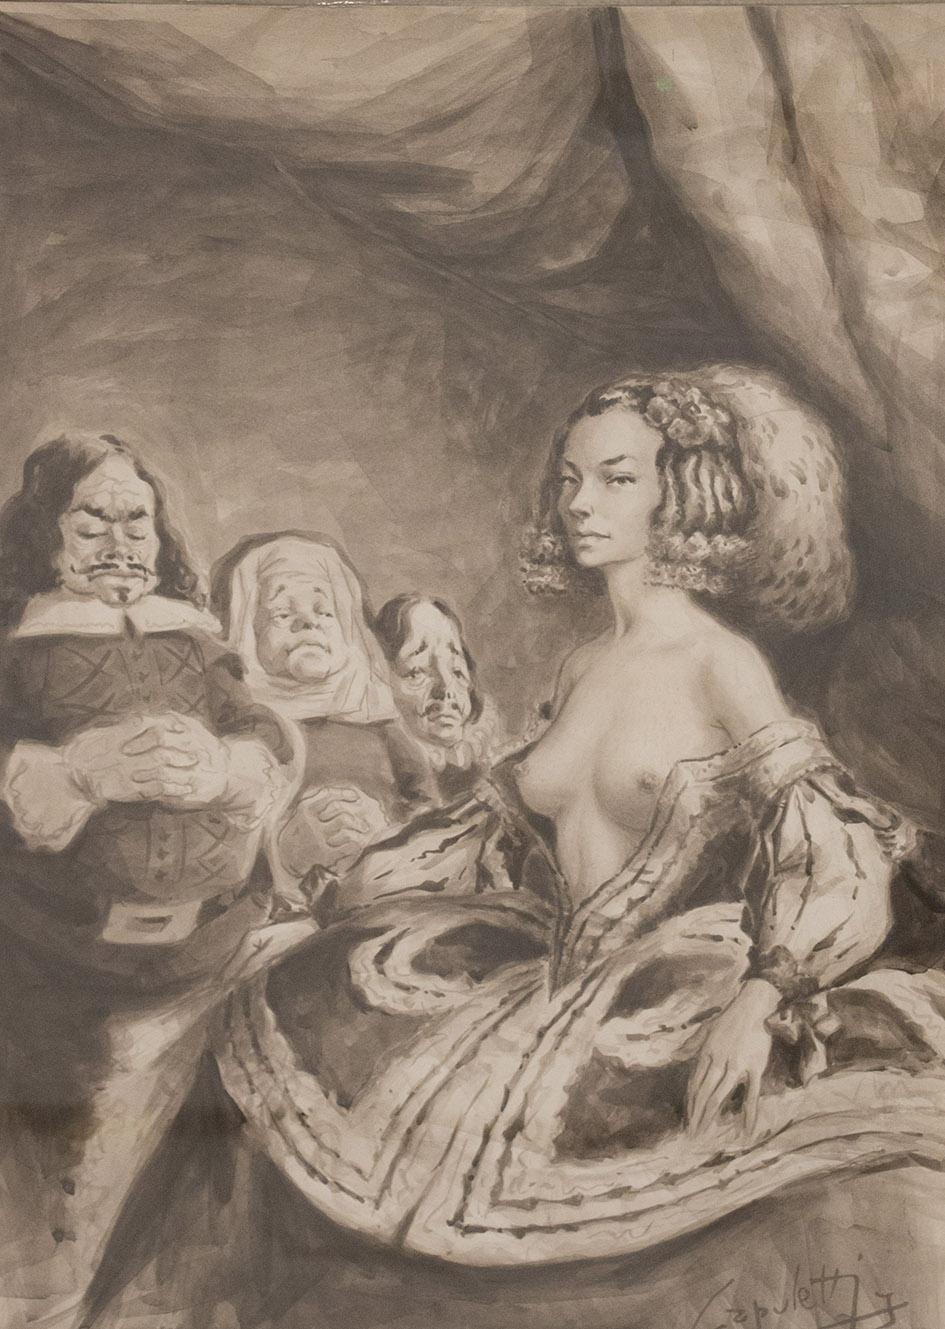 Jose Manuel Capuletti  Sin título  Acuarela sobre papel  65,5 x 47,5 cm